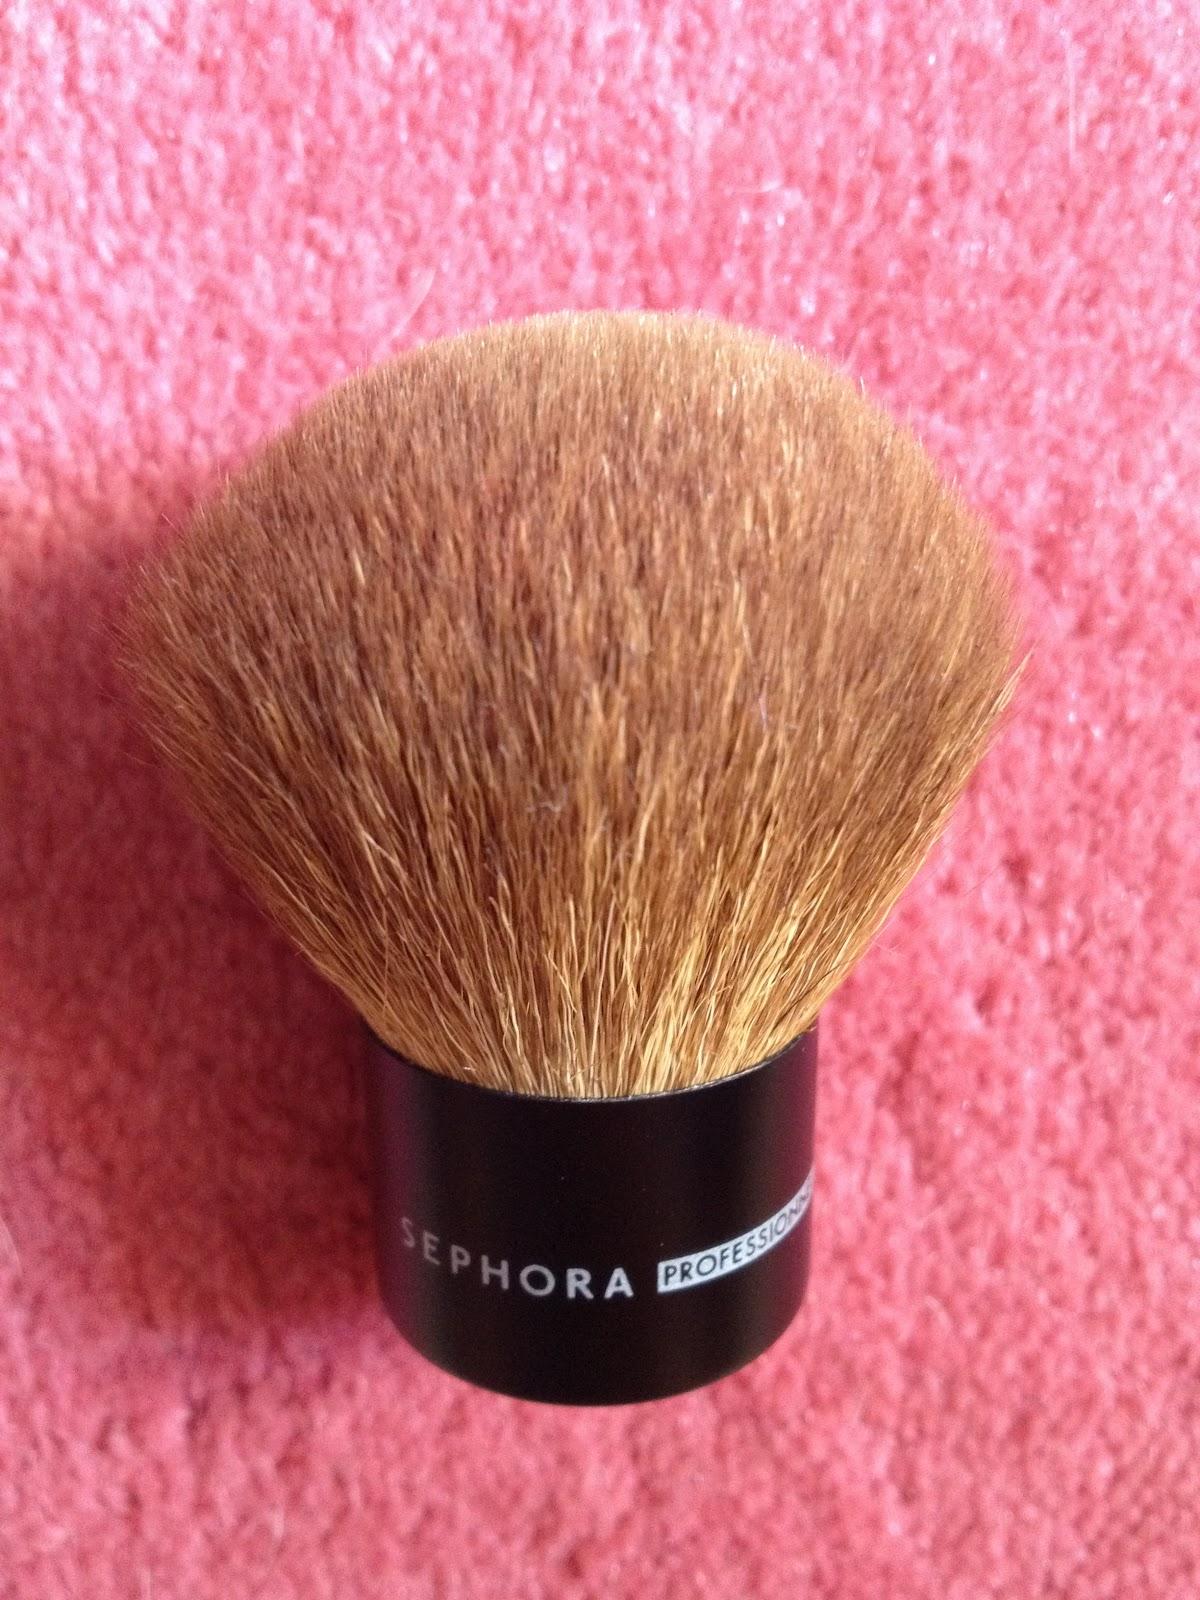 Day 03 Favorite Brush Rosychicc Kuas Kabuki Hello Kitty Sephora